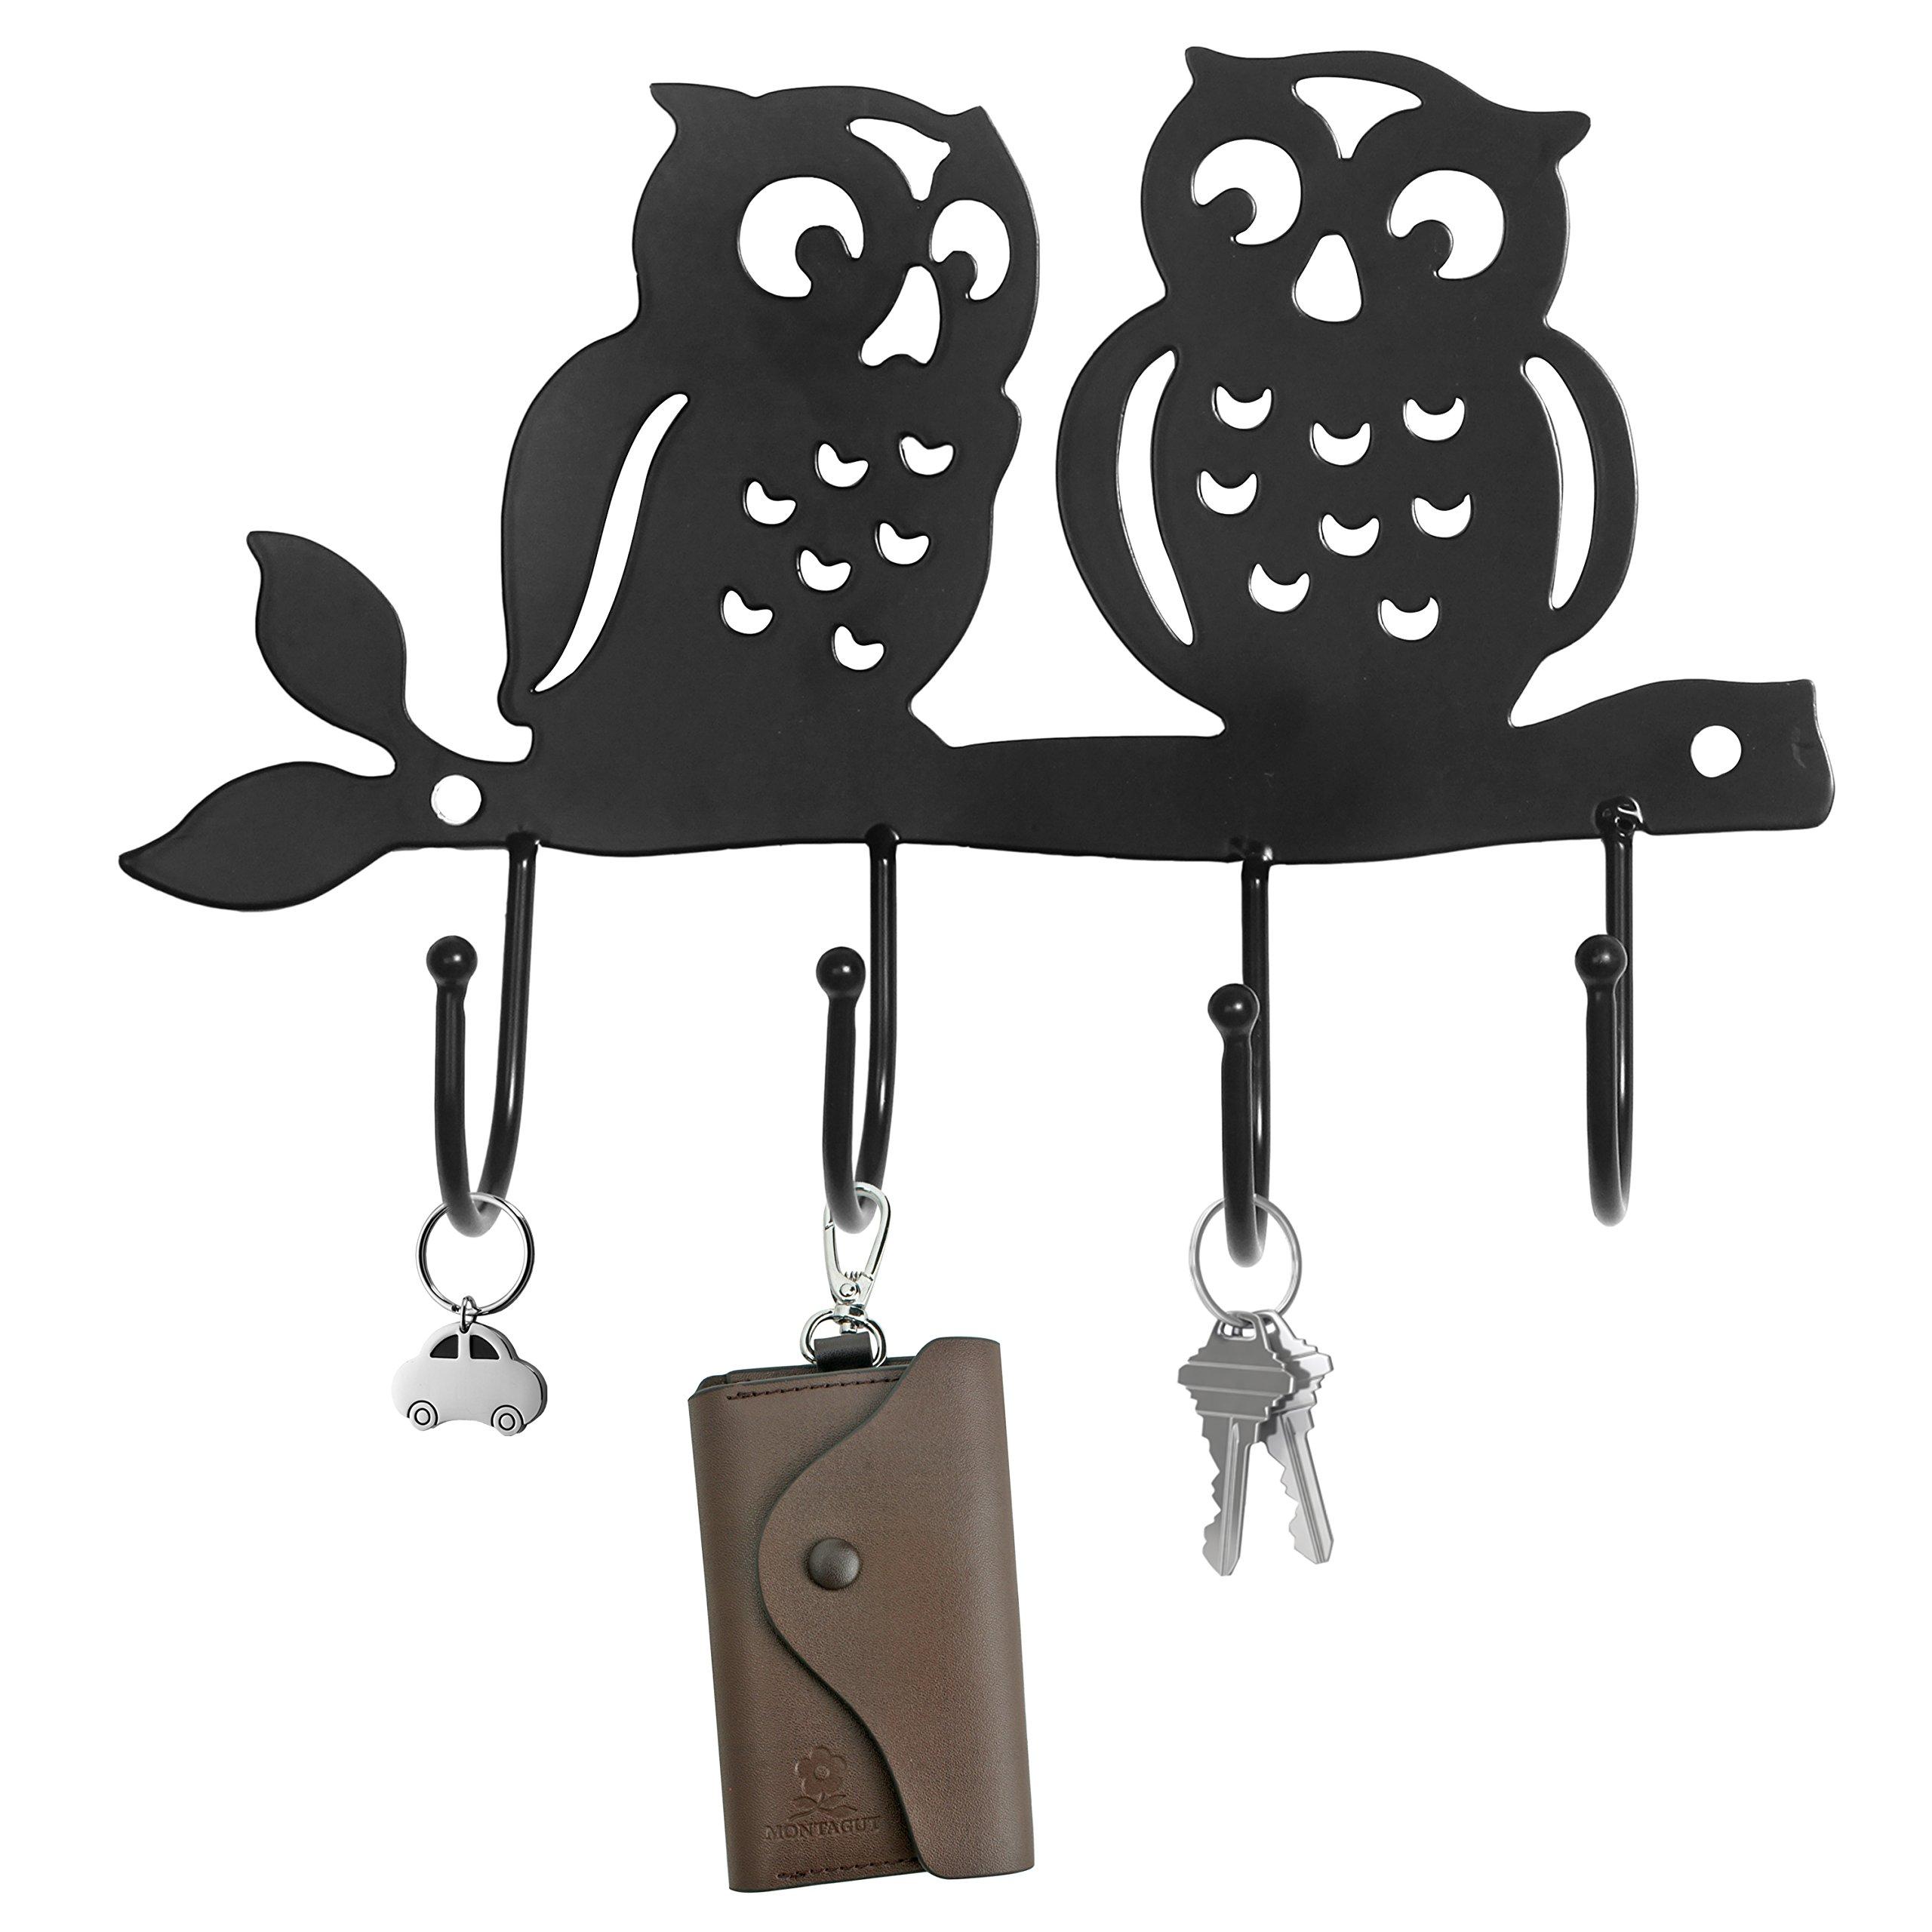 decorative owl design black metal 4 key hook rack wall mounted hanging storage organizer lavorist. Black Bedroom Furniture Sets. Home Design Ideas